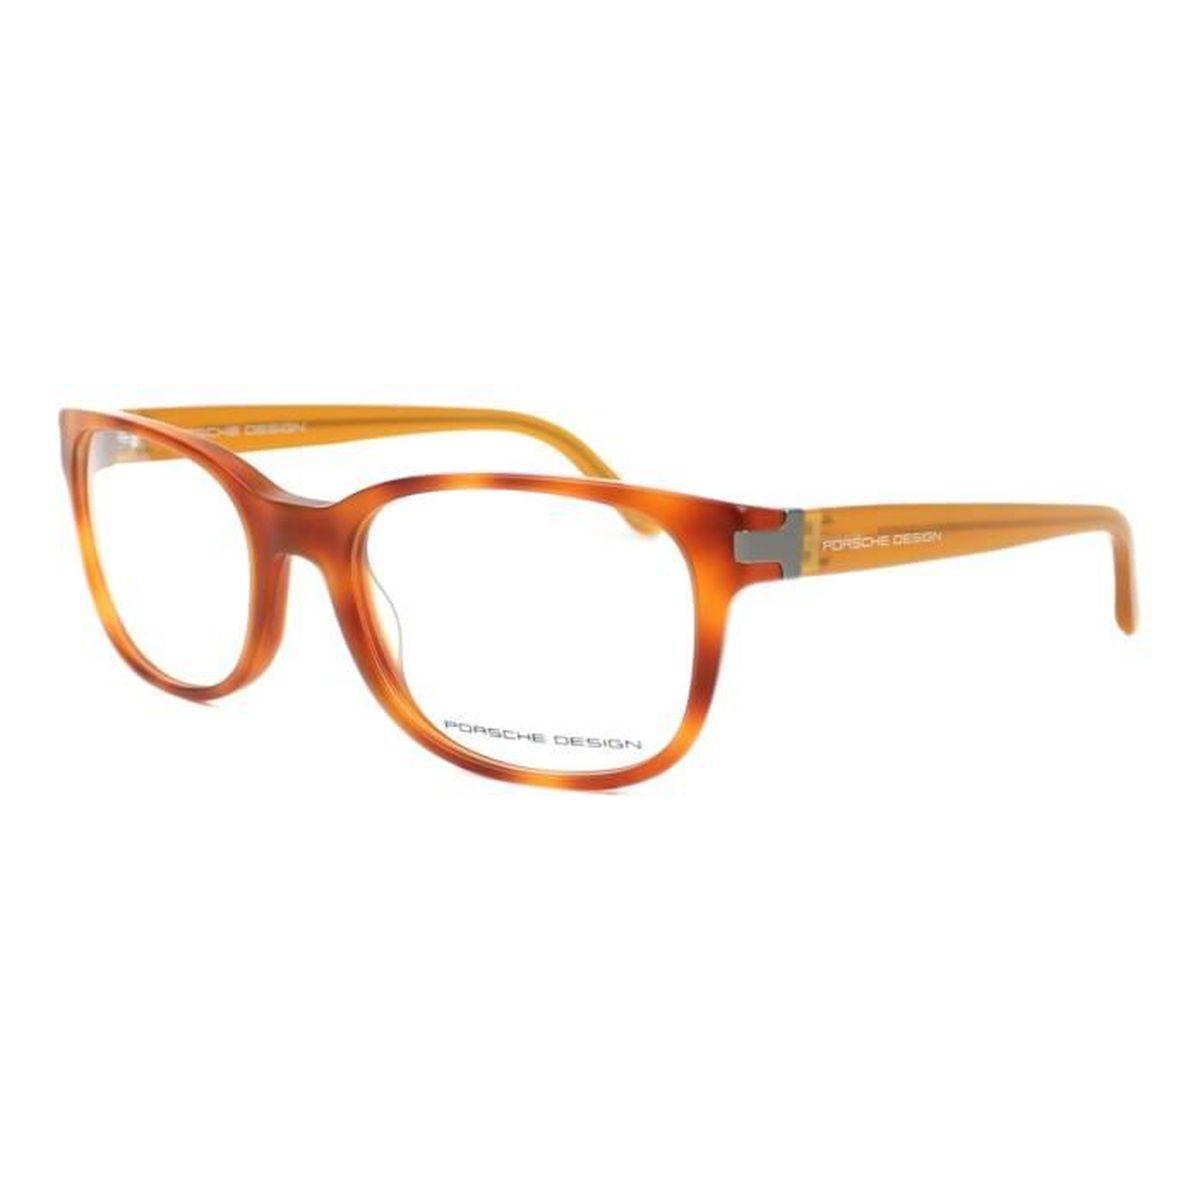 a6d2a7149518d2 lunette homme design